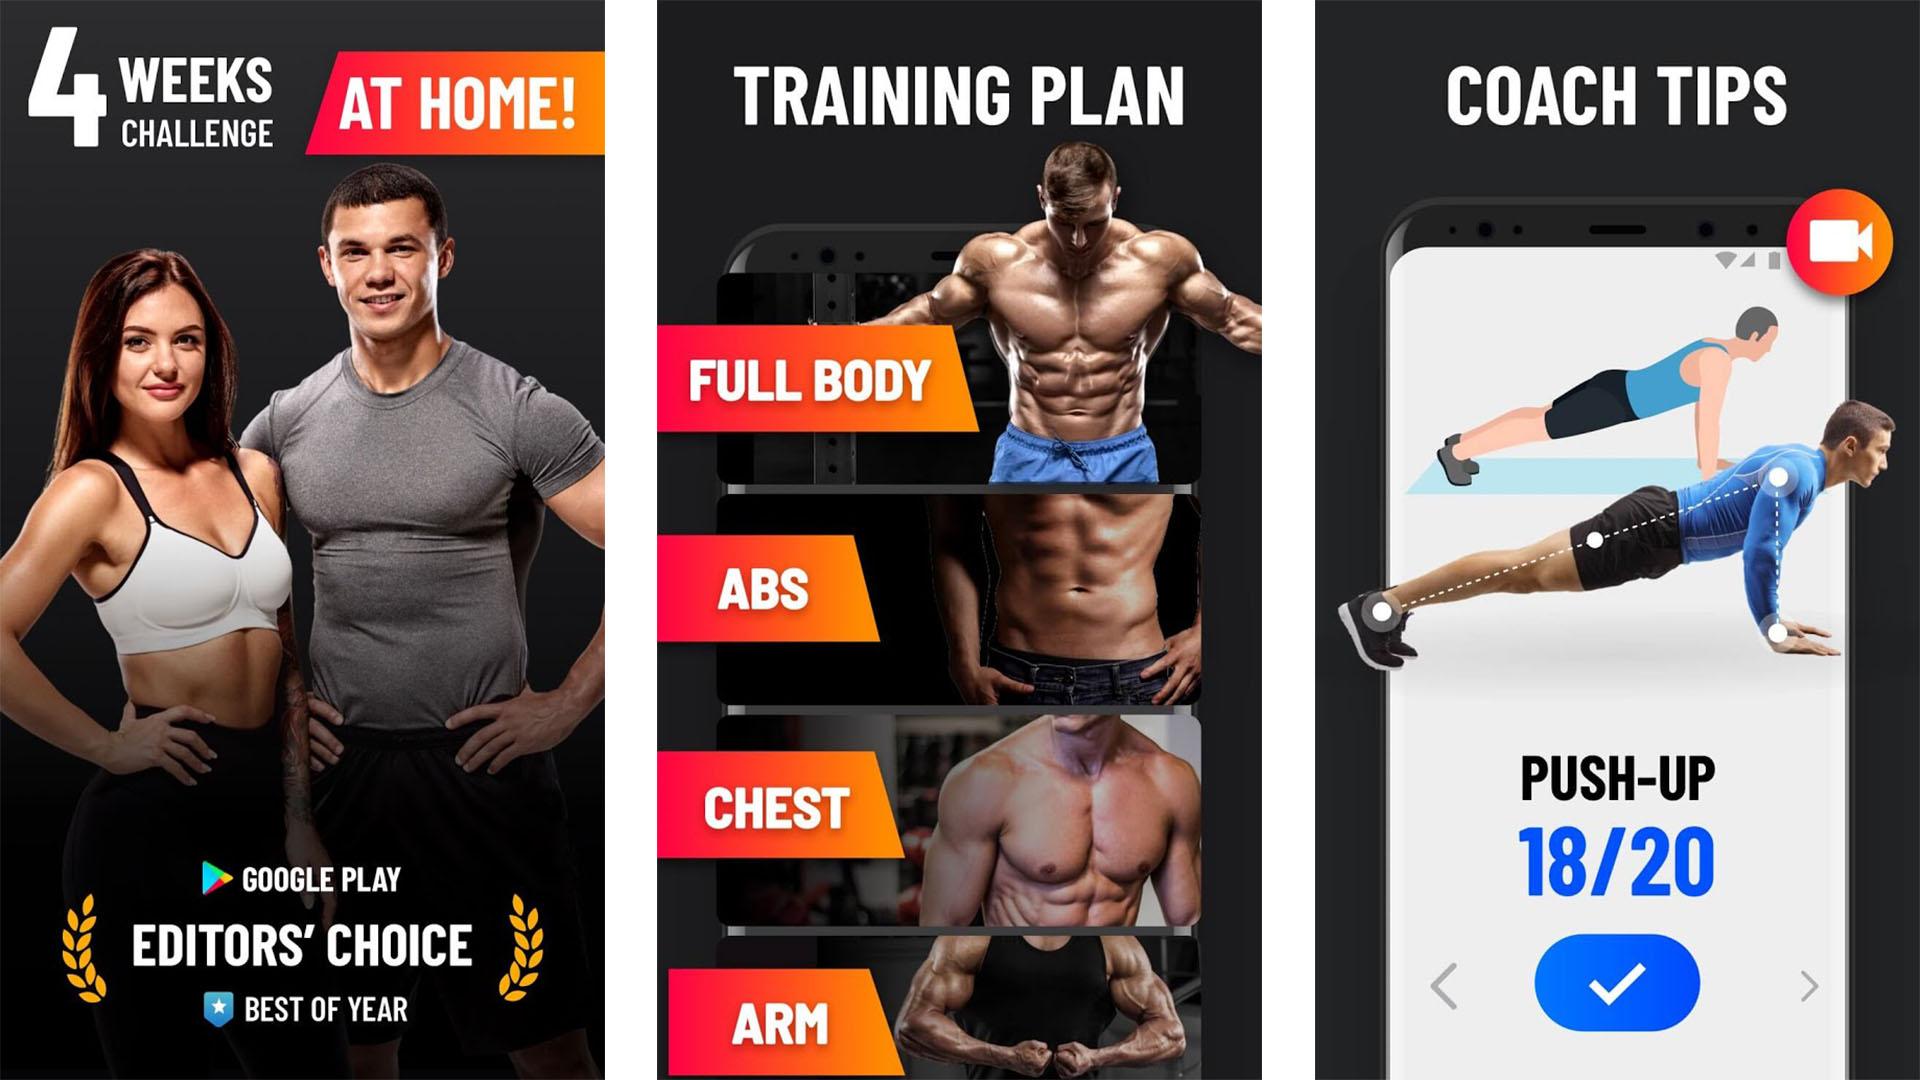 Leap Fitness screenshot 2021